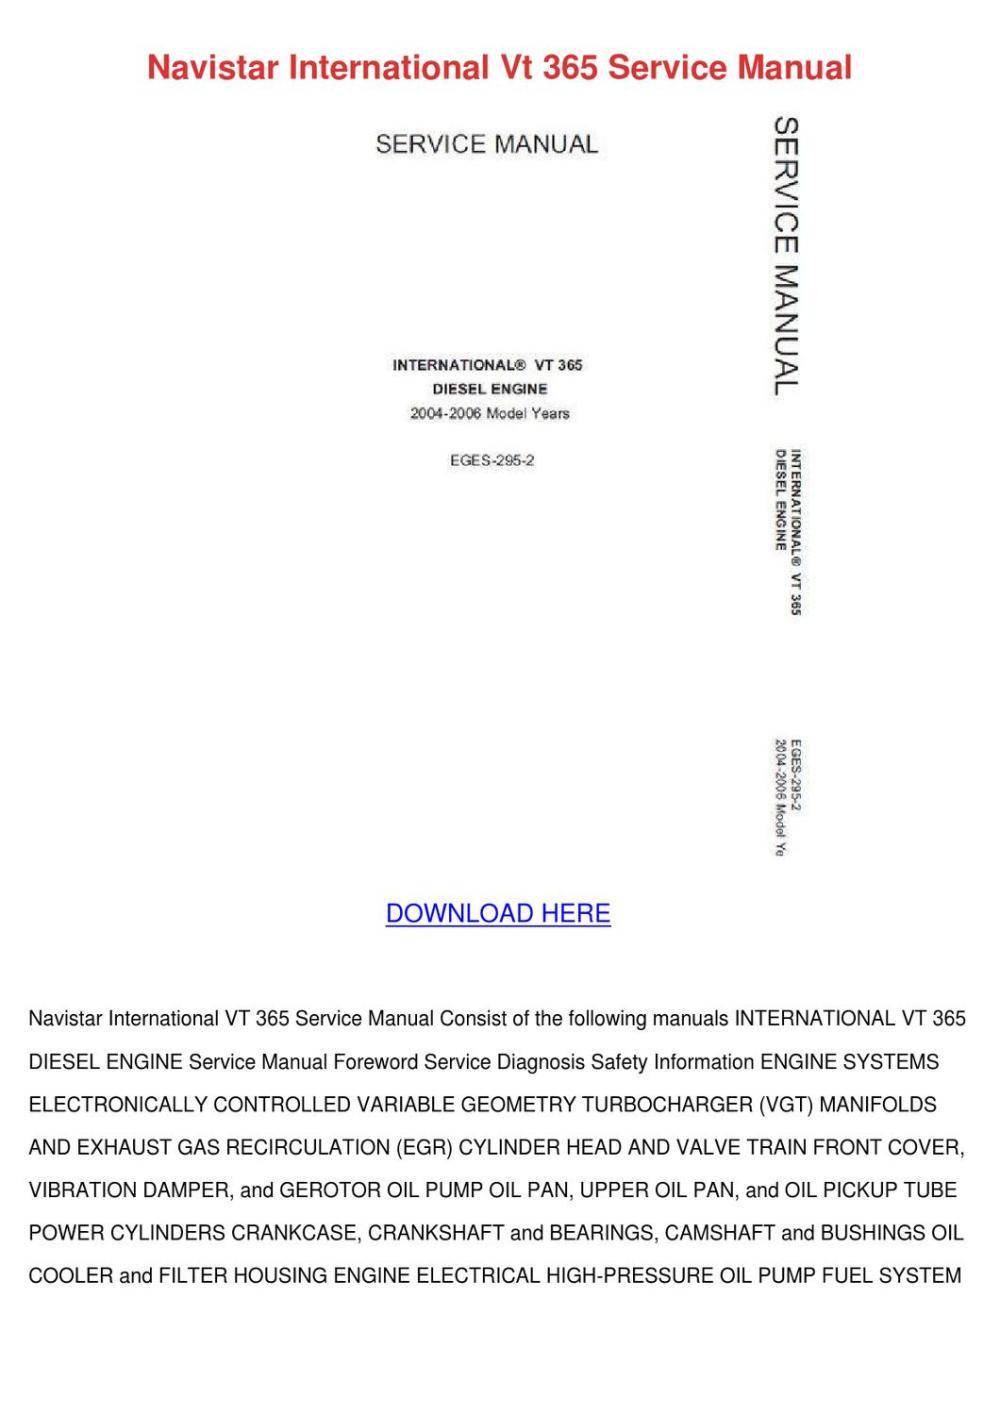 medium resolution of navistar international vt 365 service manual by latricekaminski issuu rh issuu com international